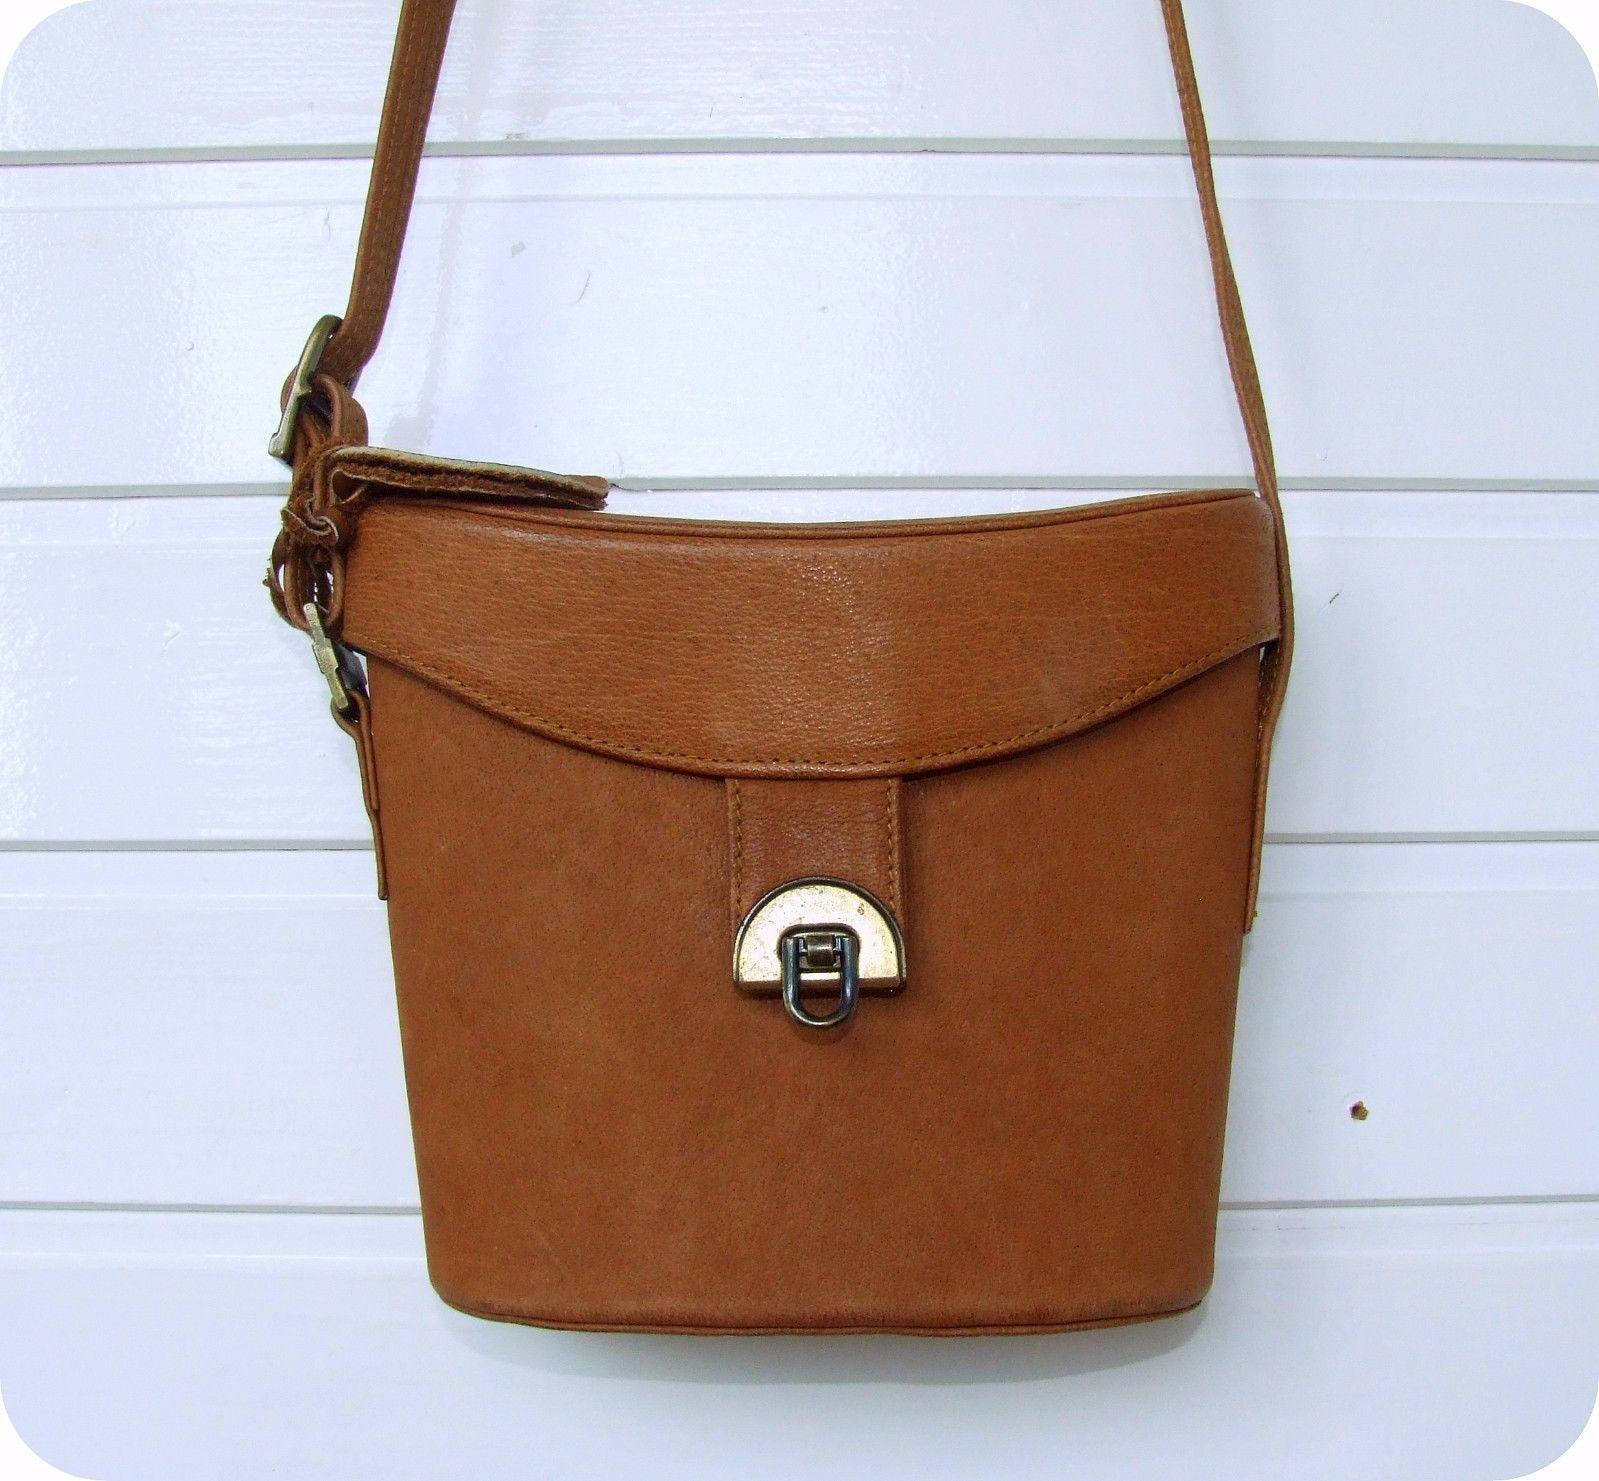 Vintage Picard Leder Tasche Schultertasche Handtasche Leather Saddle Bag Box In Kleidung Accessoires Damentaschen